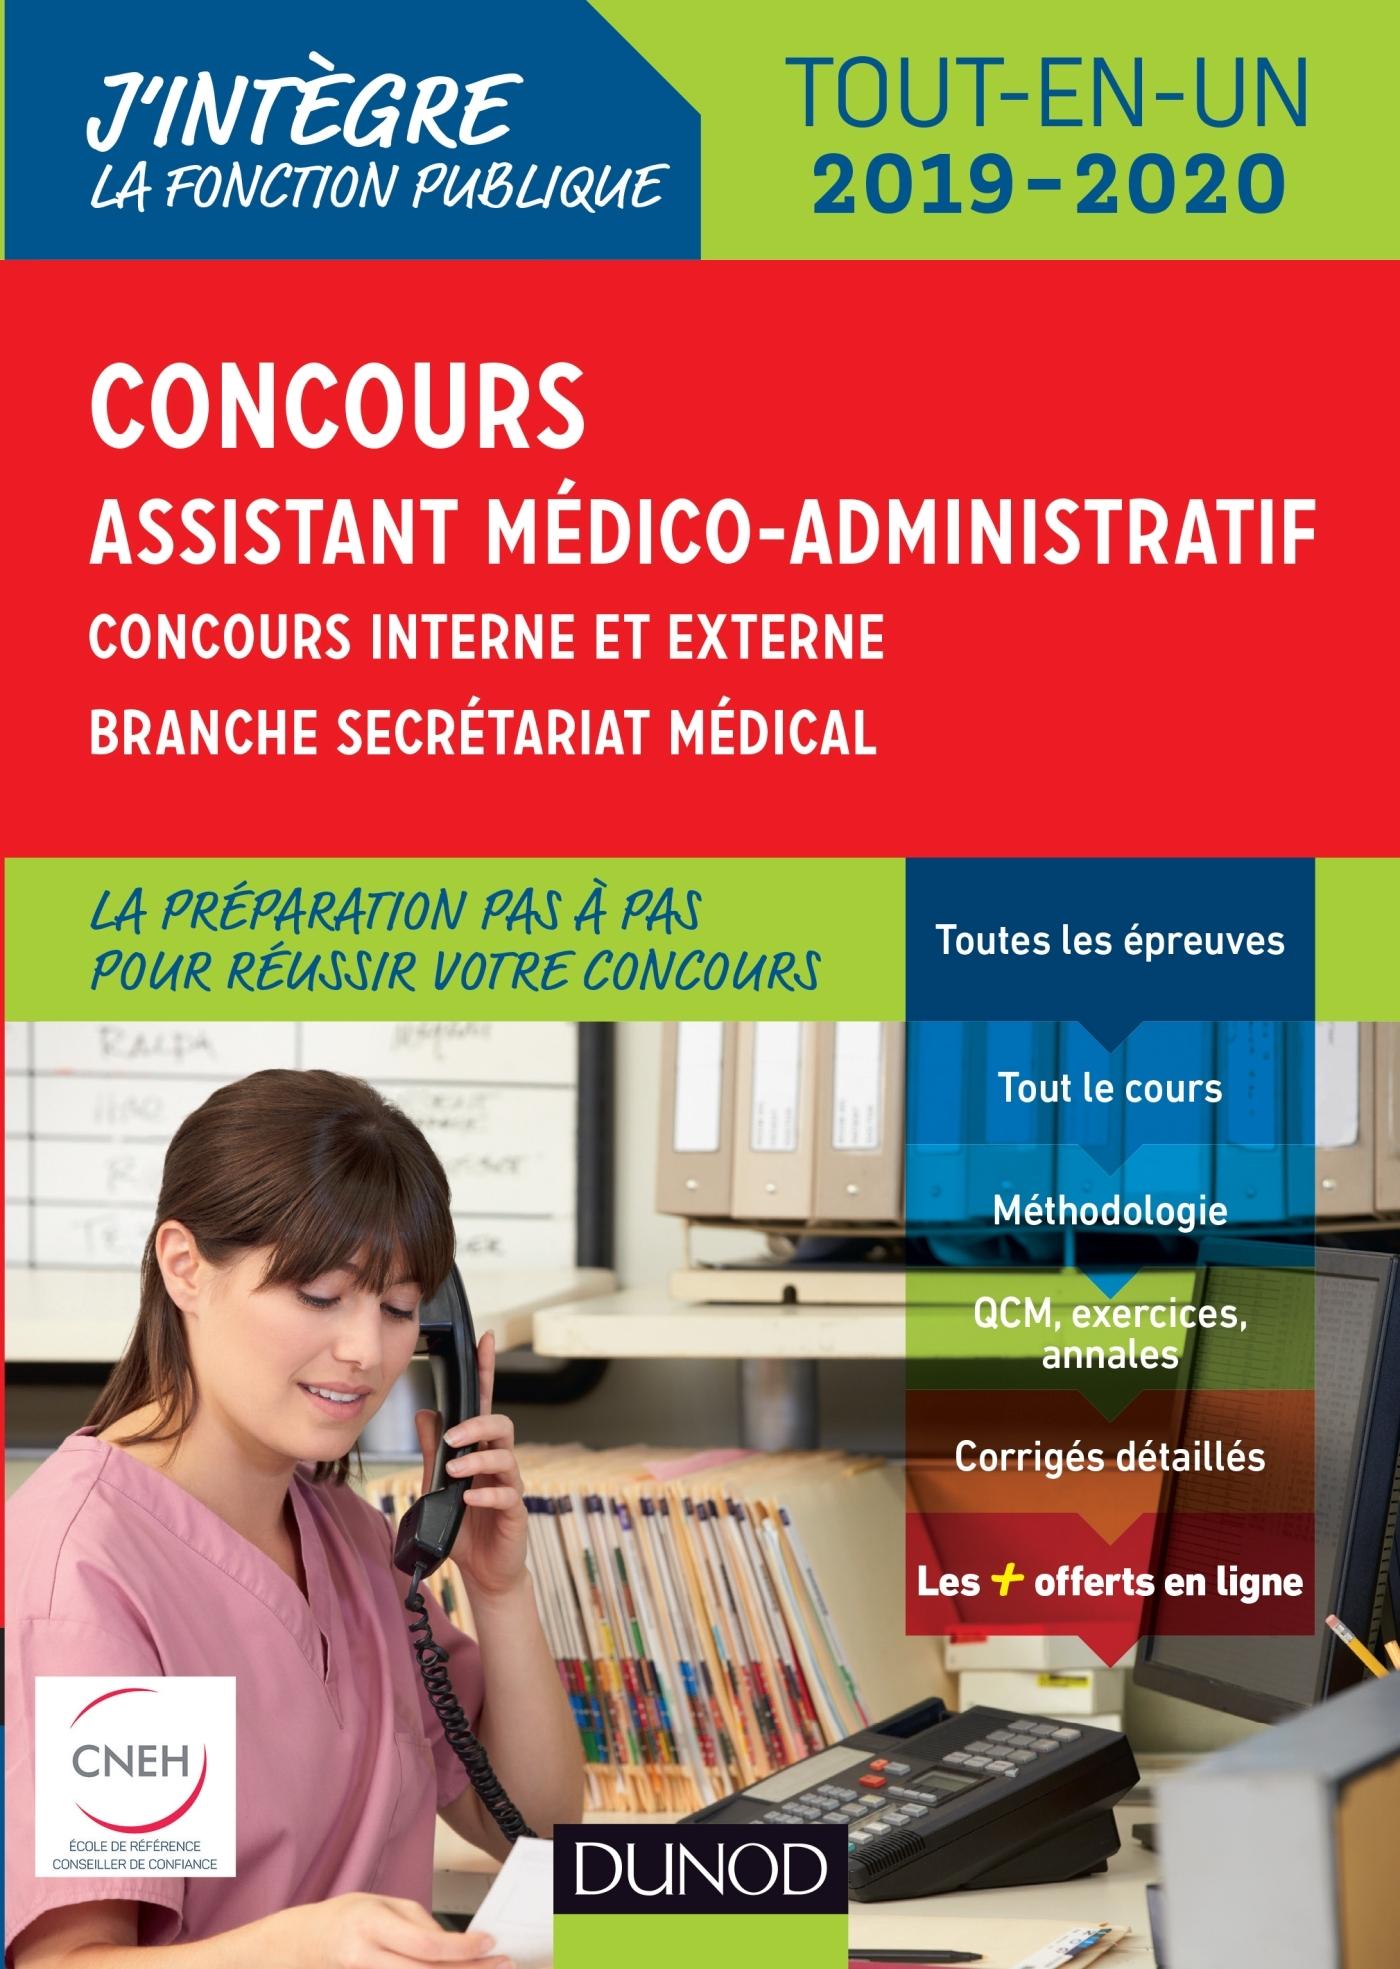 CONCOURS ASSISTANT MEDICO-ADMINISTRATIF 2019-2020 TOUT-EN-UN CATEGORIE B - CONCOURS EXTERNE ET INTER